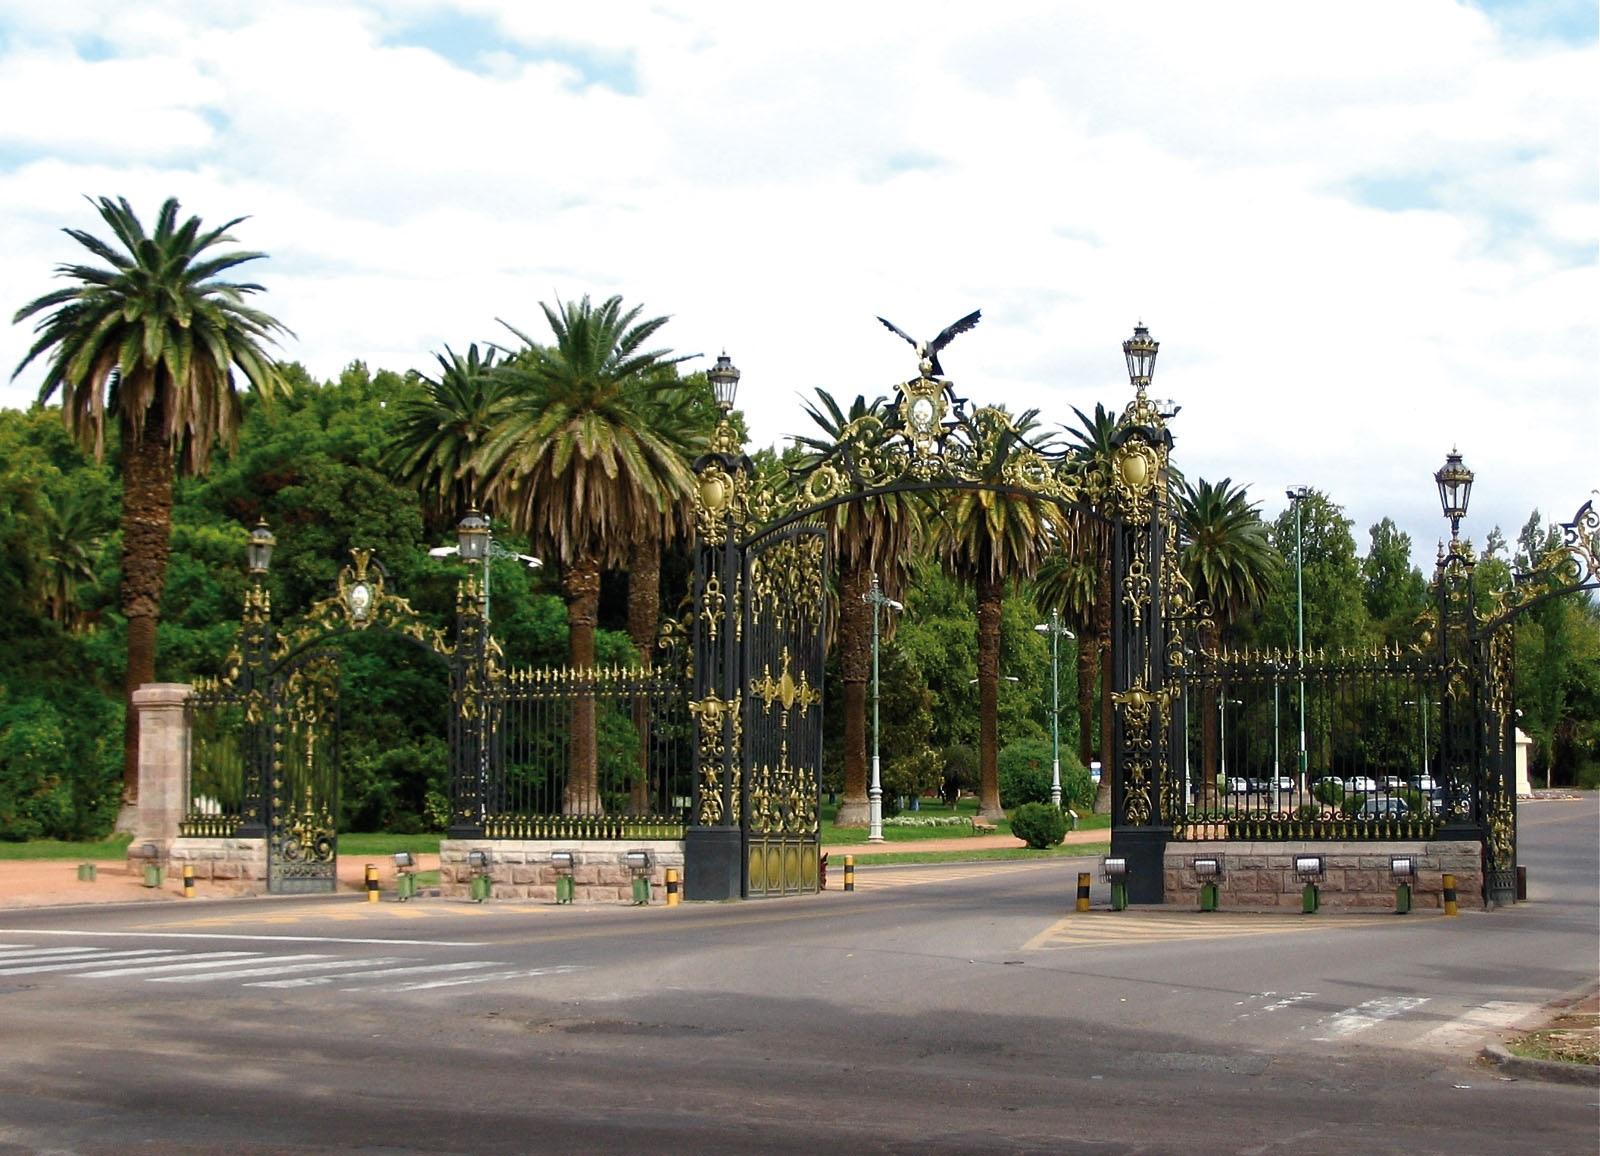 La Provincia licitó el mantenimiento del Parque, Cerro de la Gloria y Centro  Cívico   Vía Mendoza